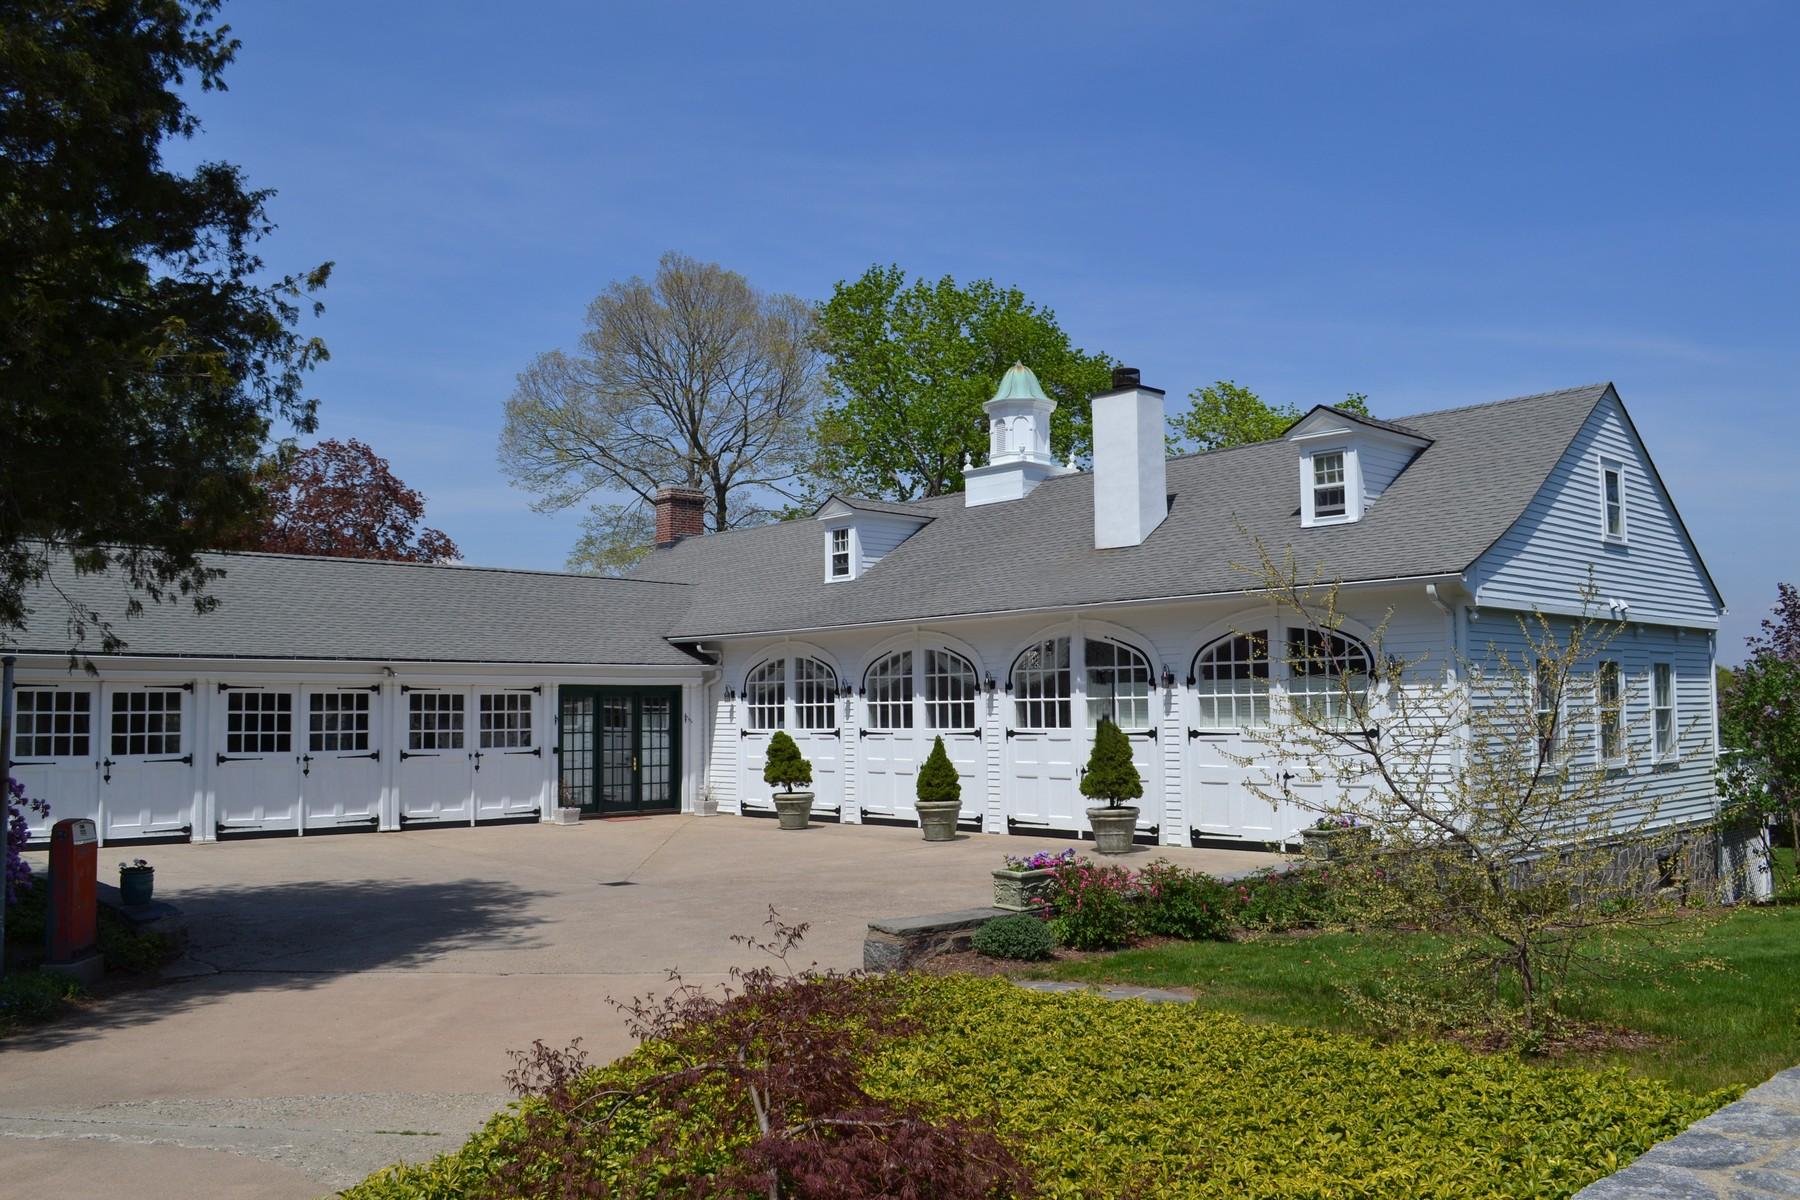 独户住宅 为 销售 在 Iconic Essex Village Landmark 33 North Main Street Essex, 康涅狄格州 06426 美国